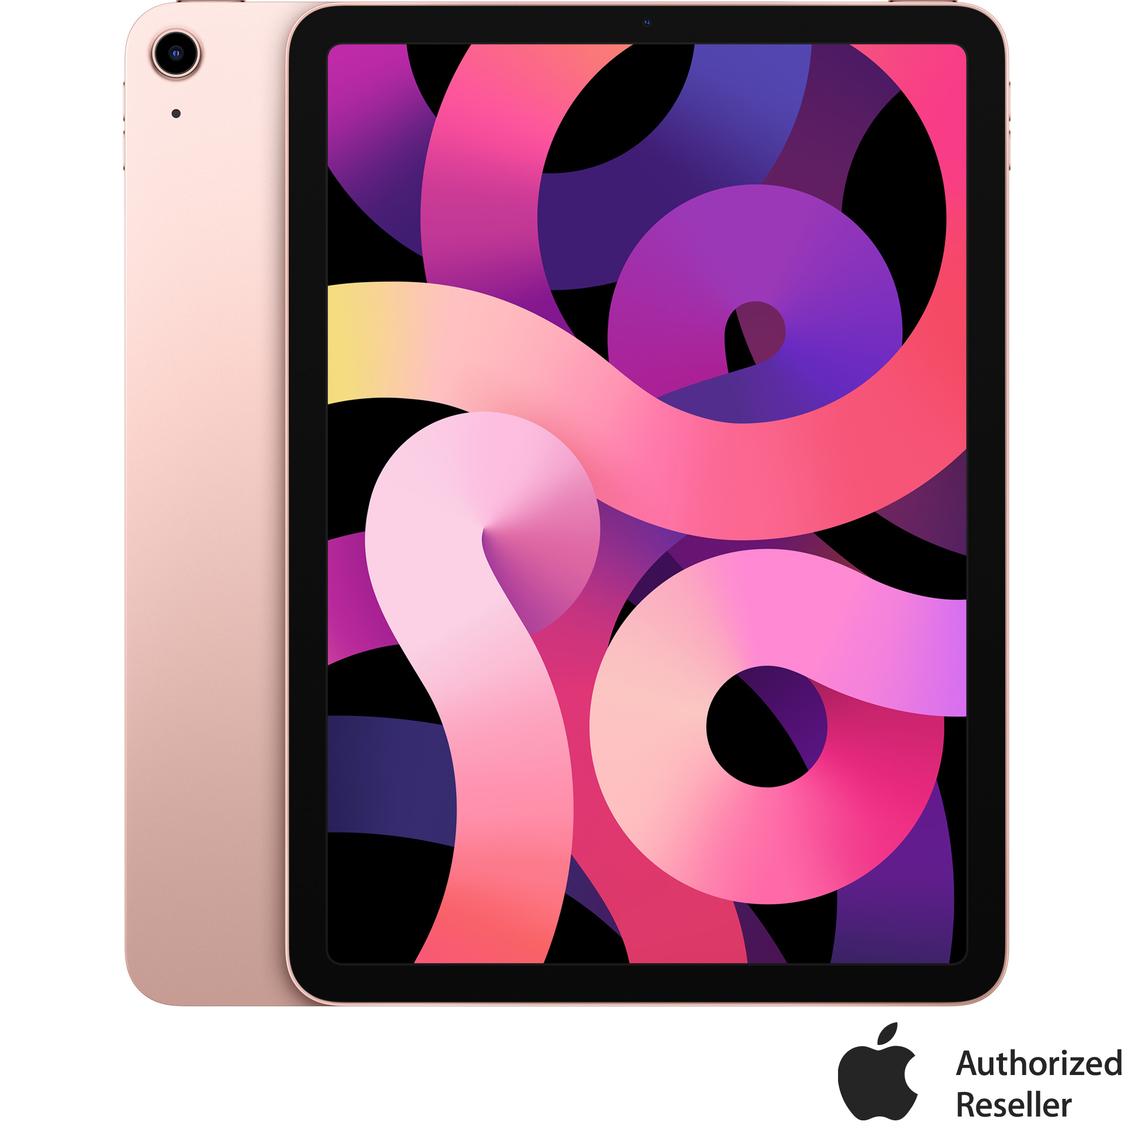 Apple iPad Air 10.9 in. 64GB with Wi-Fi